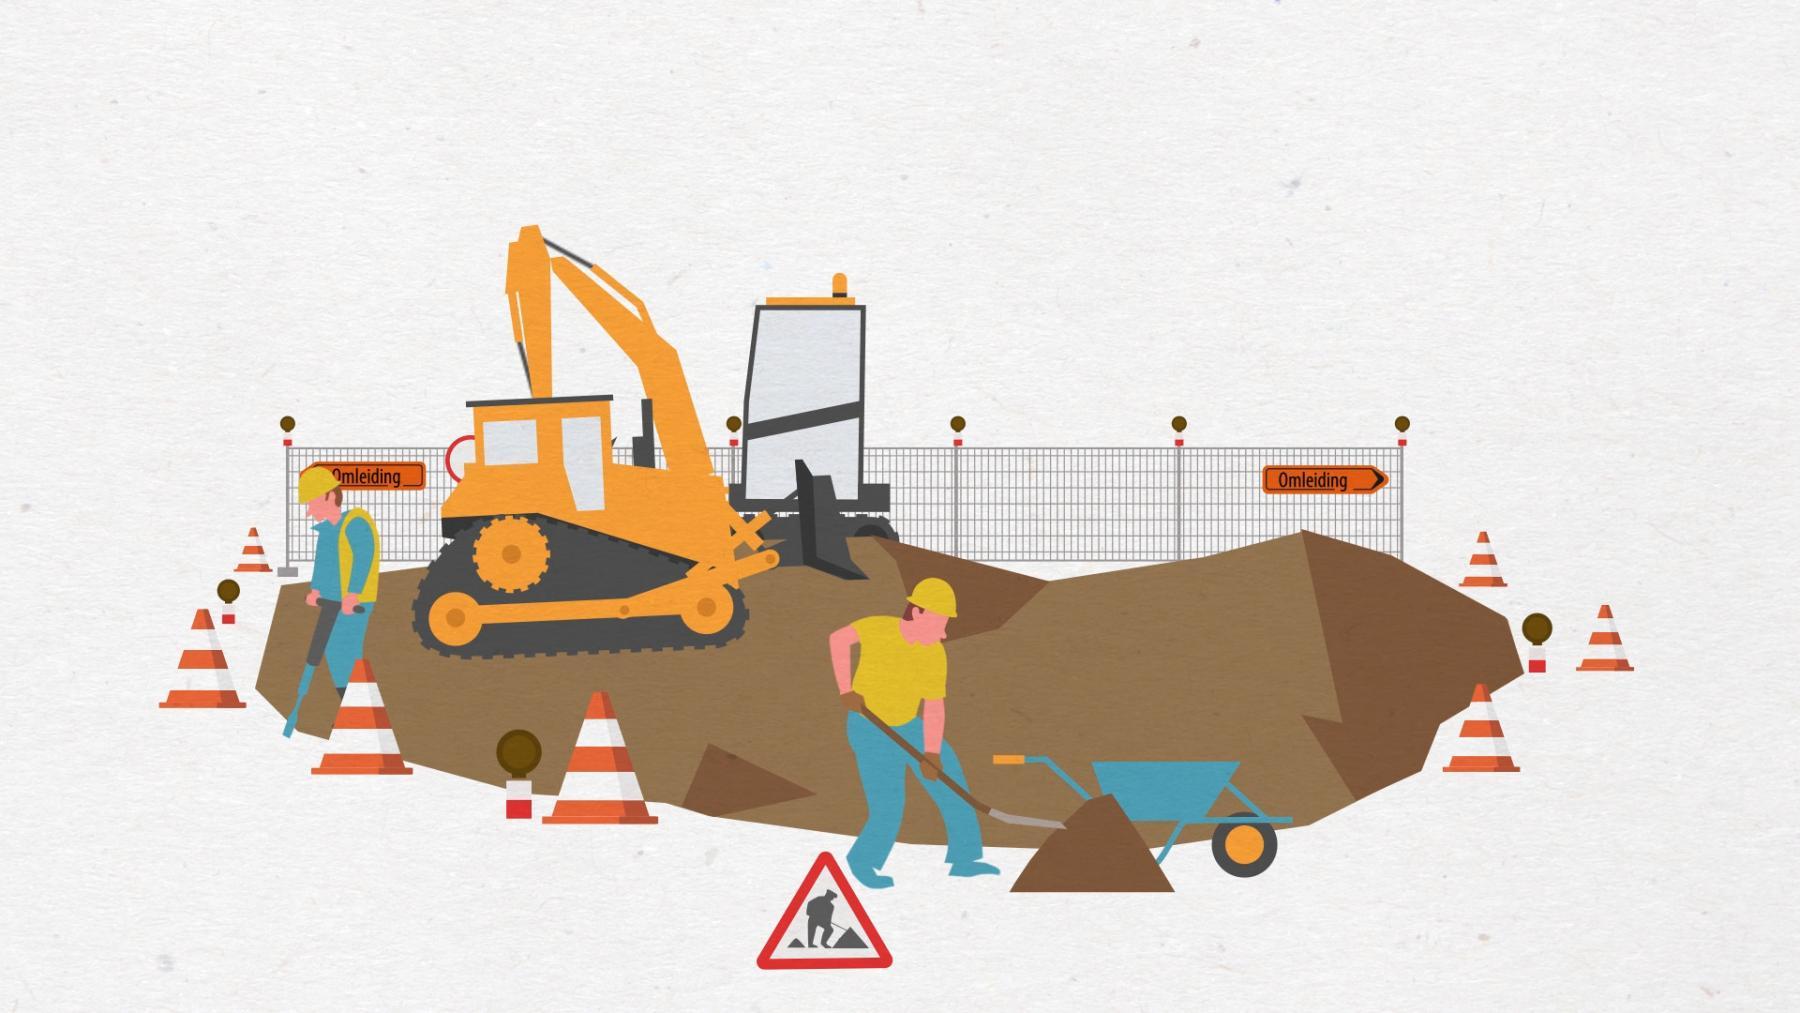 illustratie van wegenwerken met werfzone ©drift